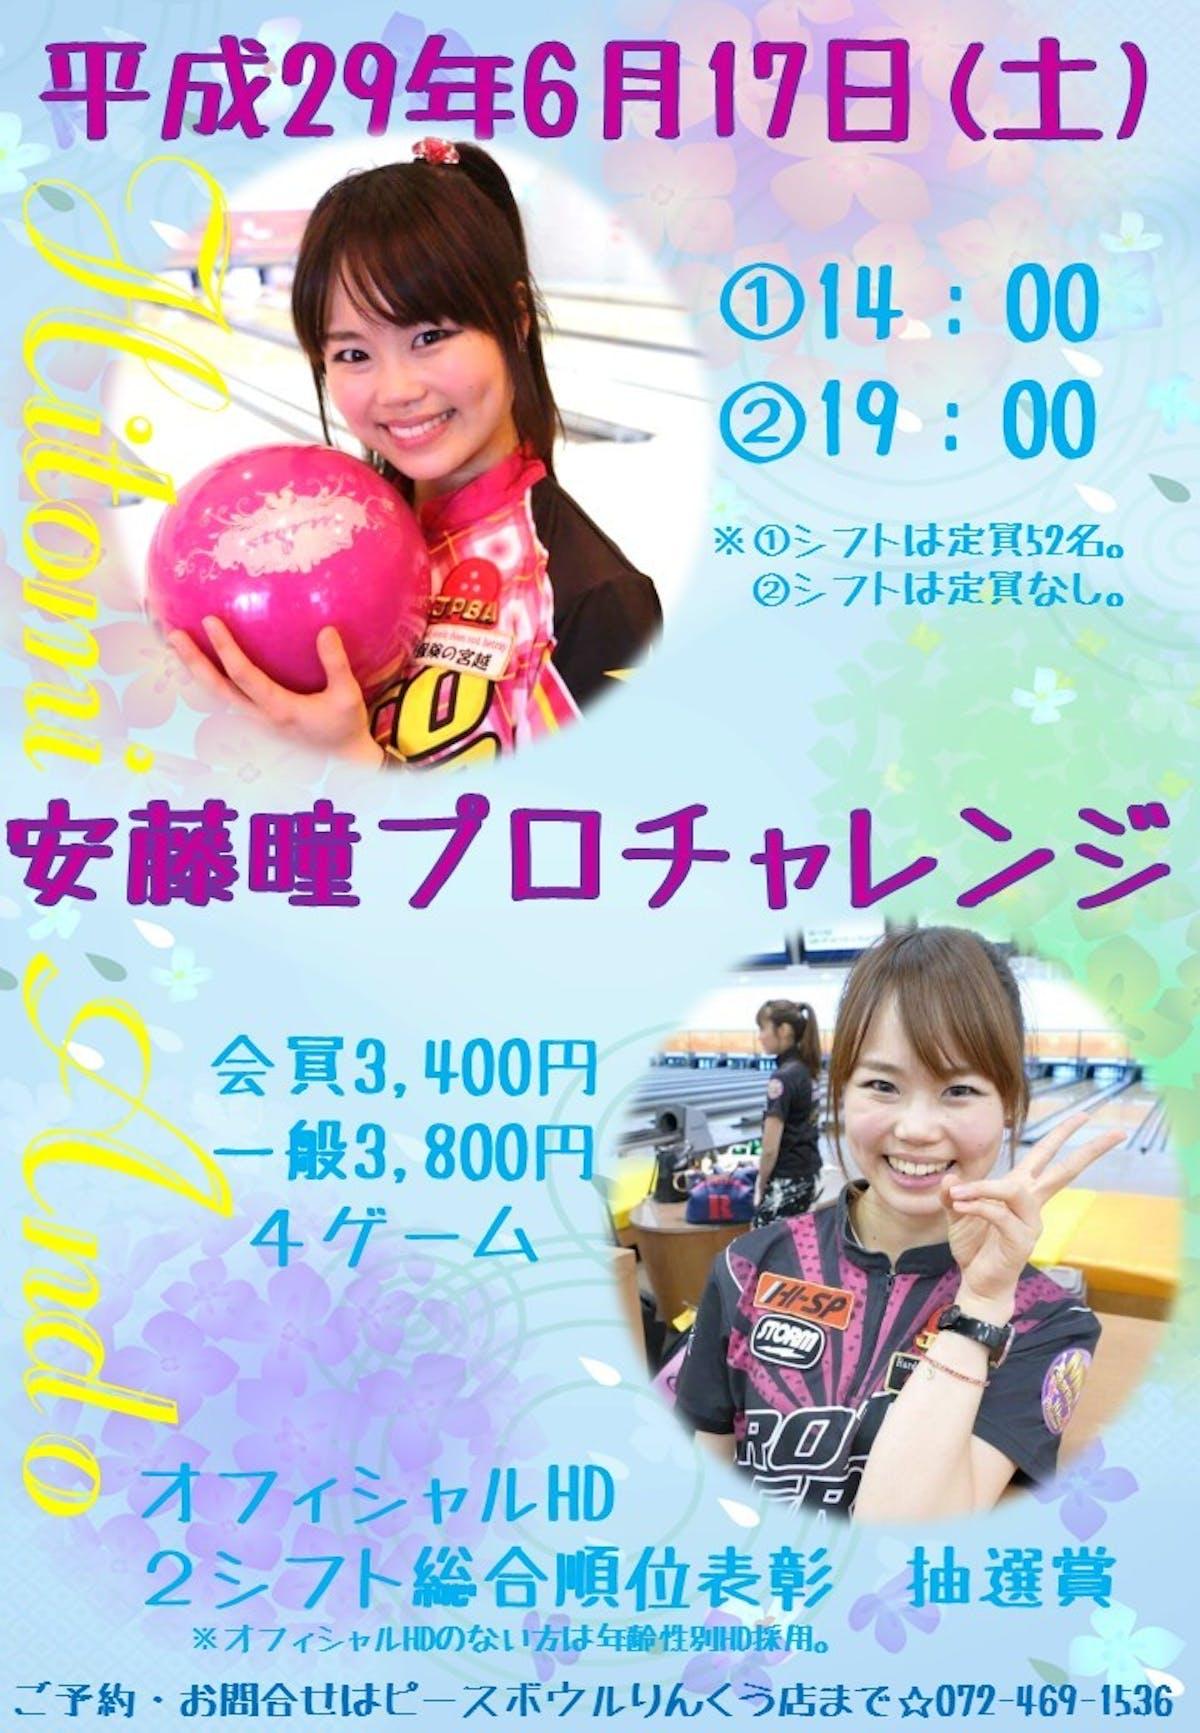 安藤瞳P(29.6.17).jpg